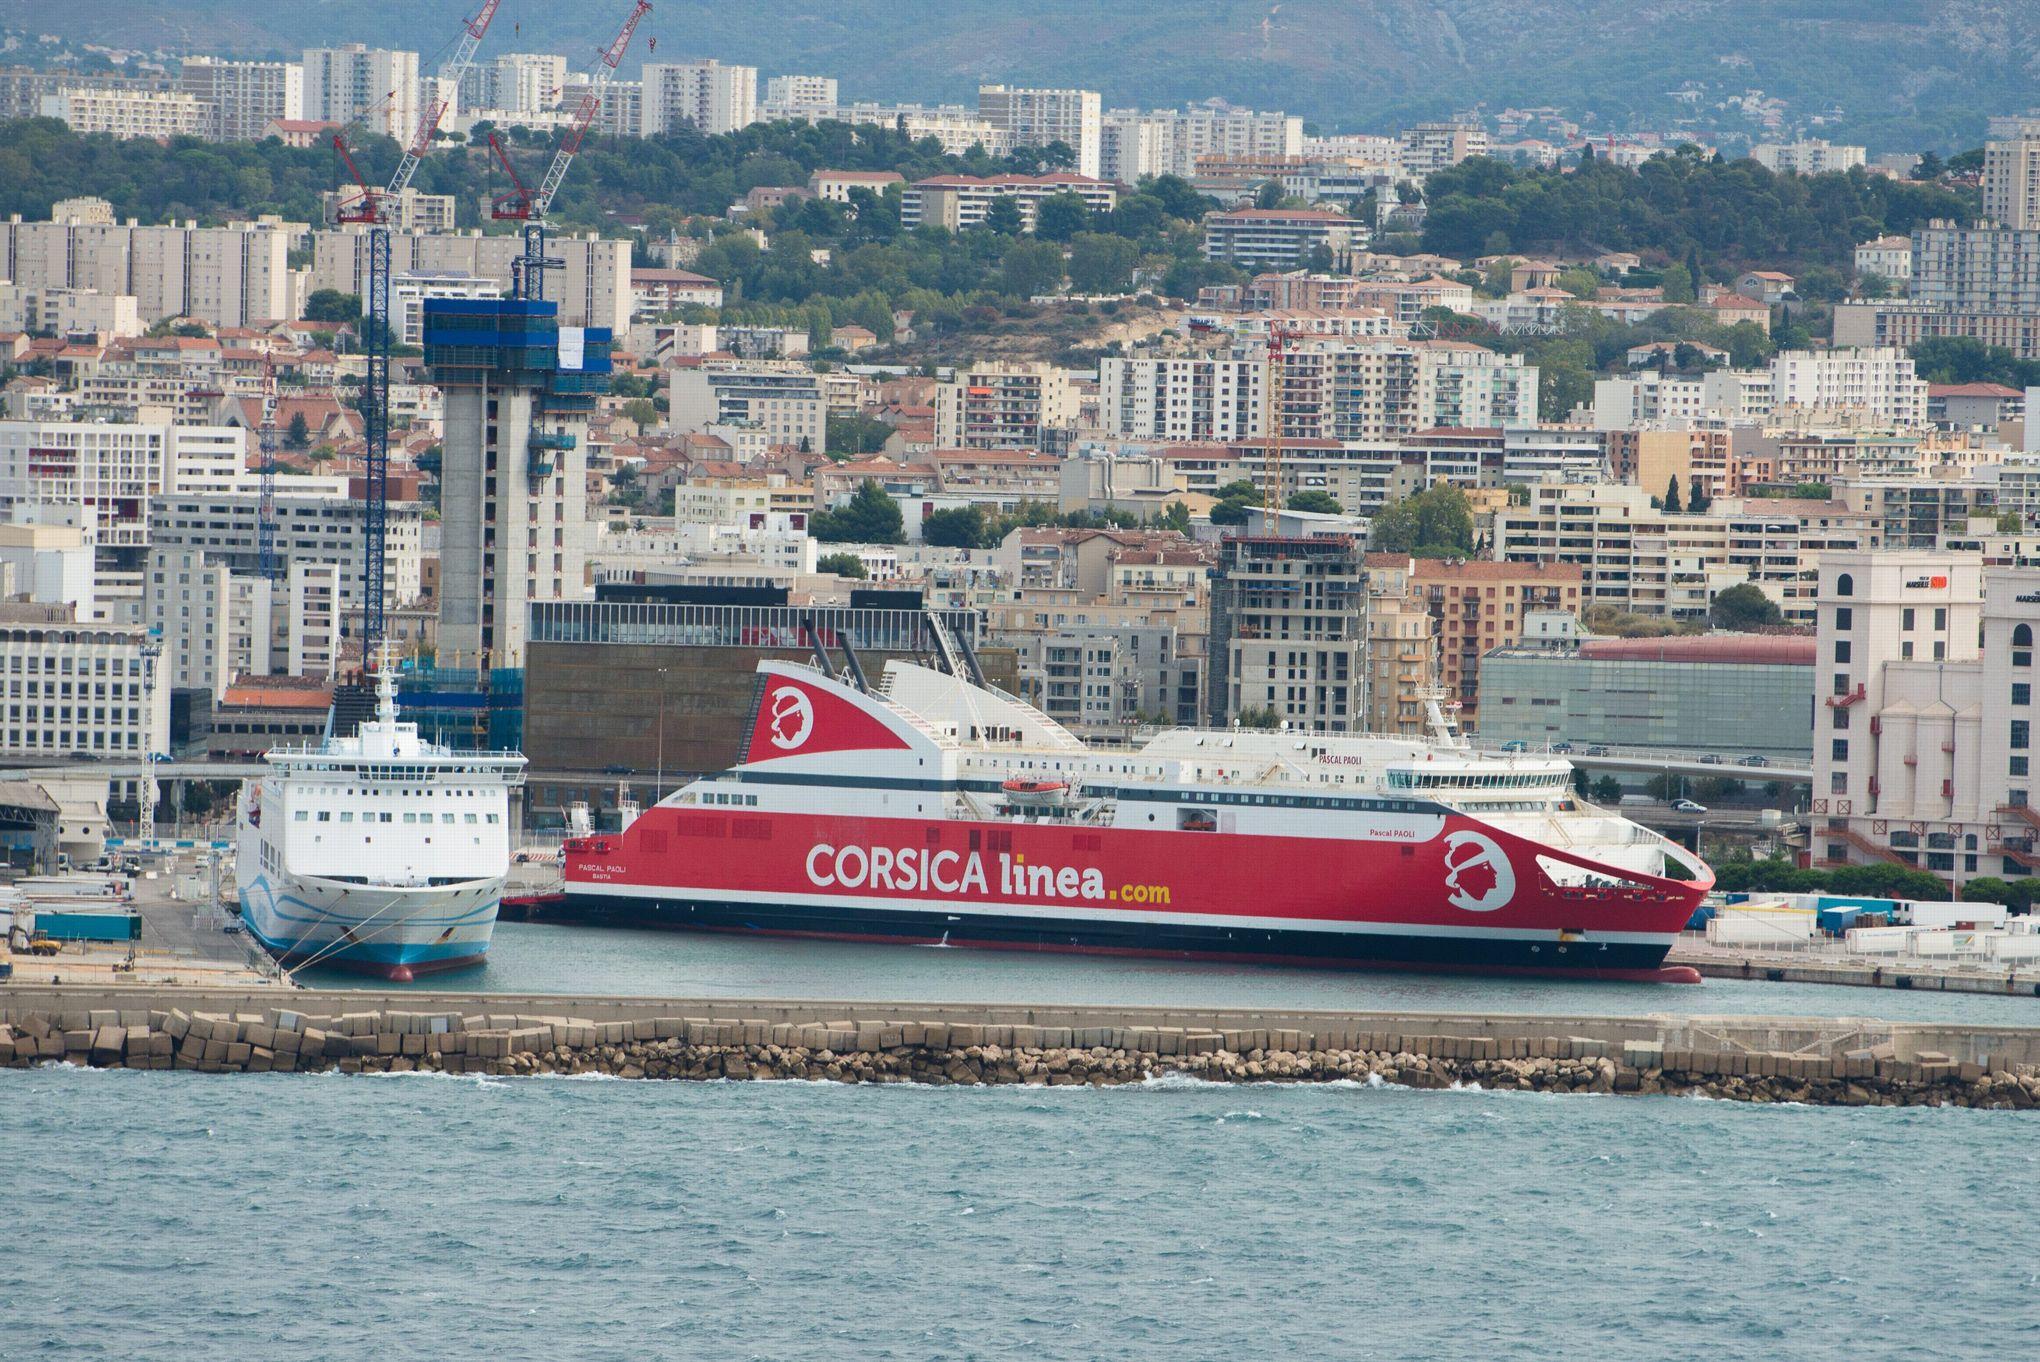 compagnie linea corsica